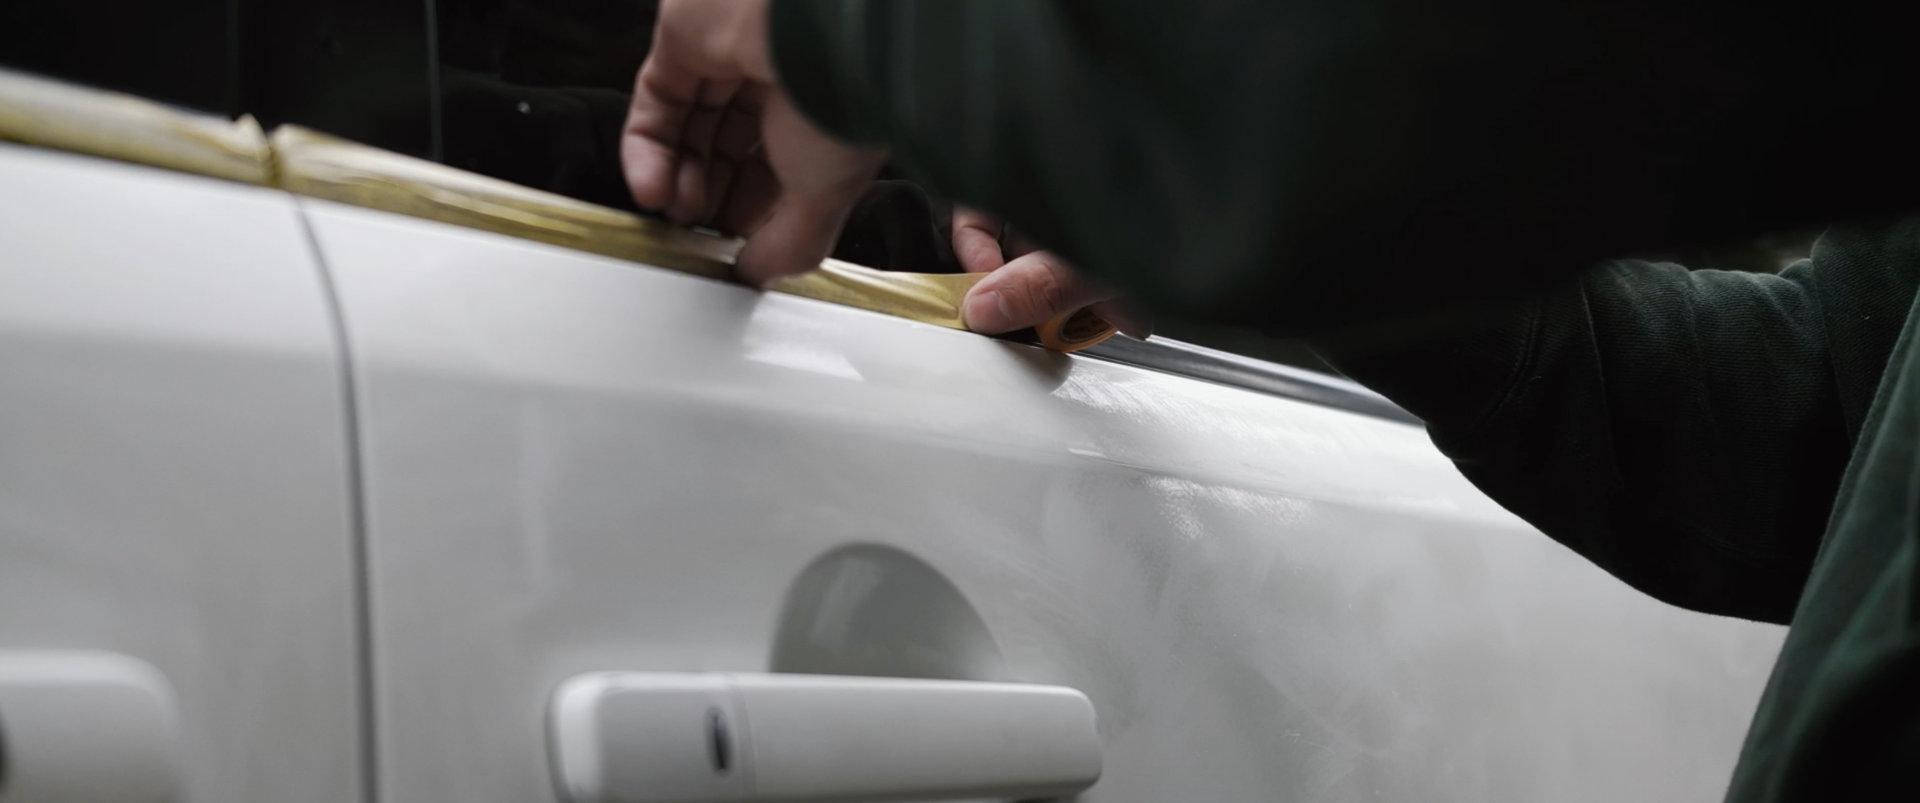 セレナをDIY全塗装 マスキングテープで養生|車塗装